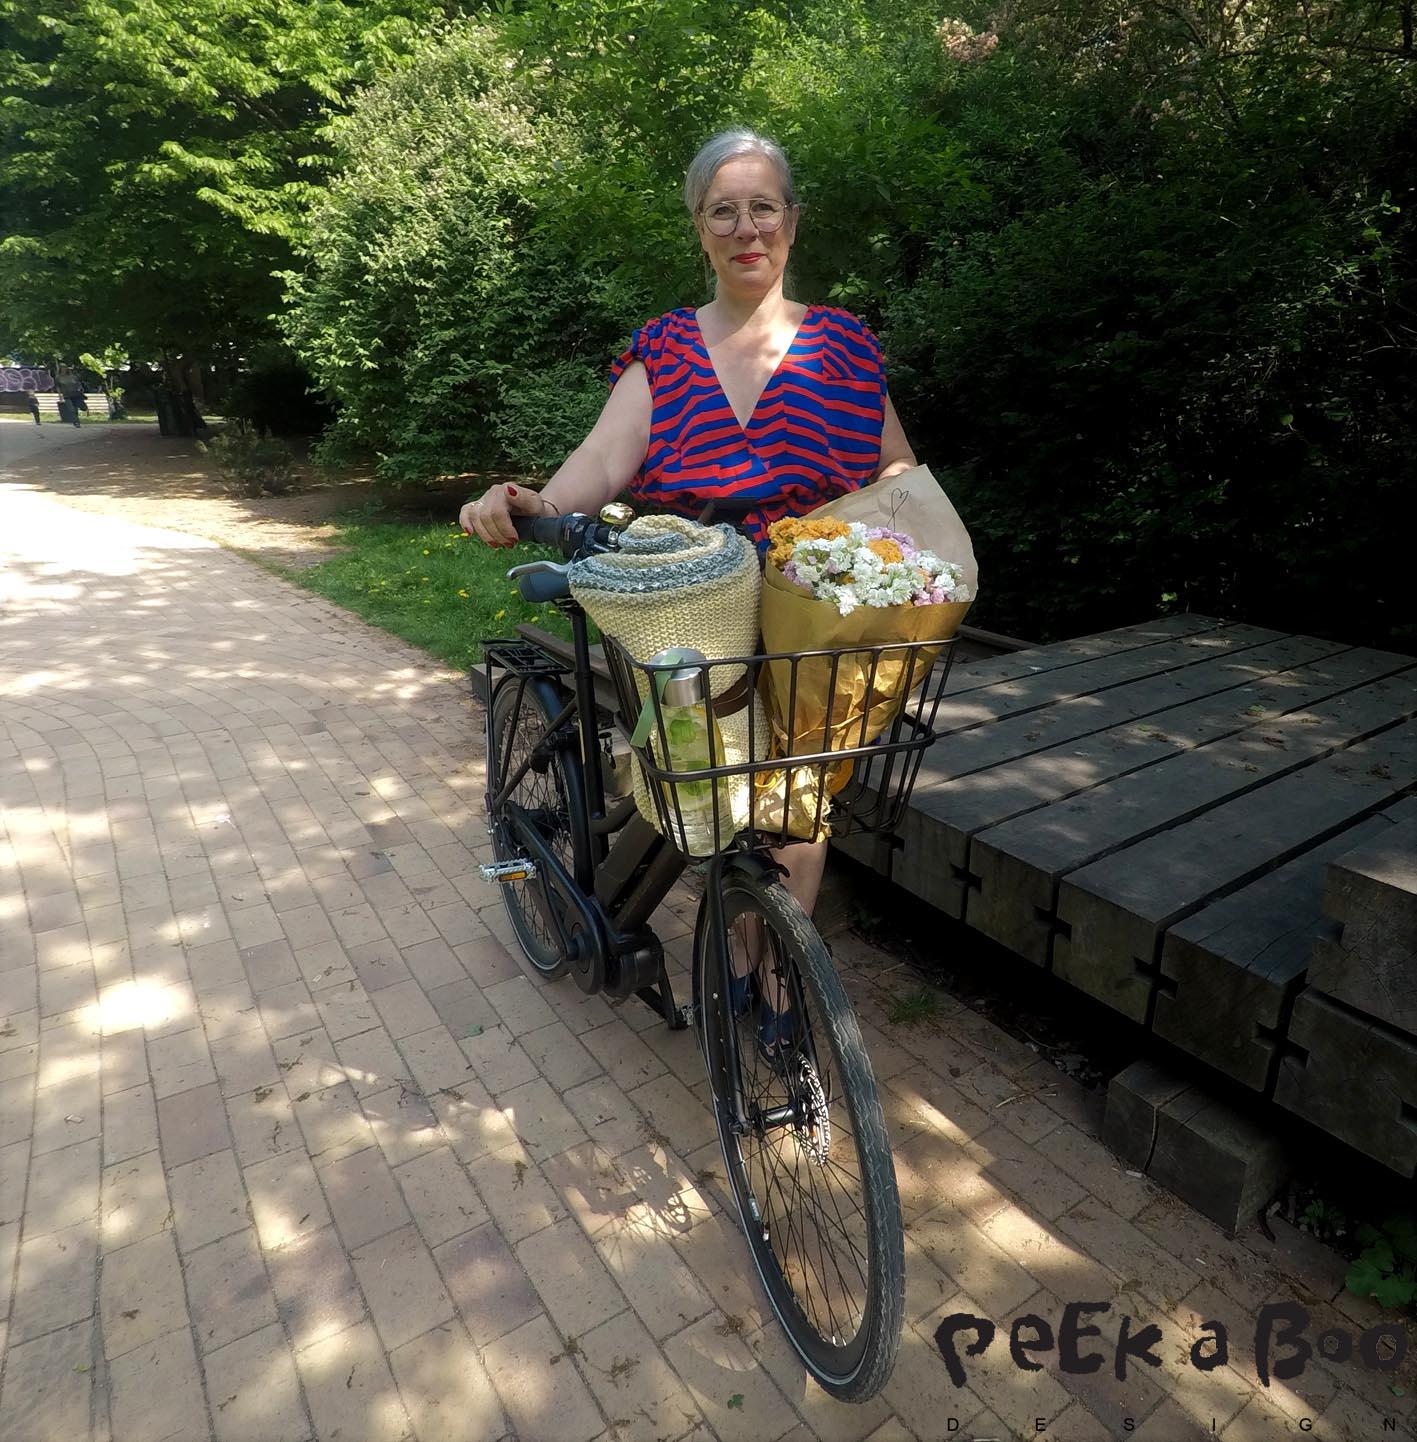 Mig og min testcykel...Den har alle praktiske funktionaliteter, som den rummelige cykelkurv foran.